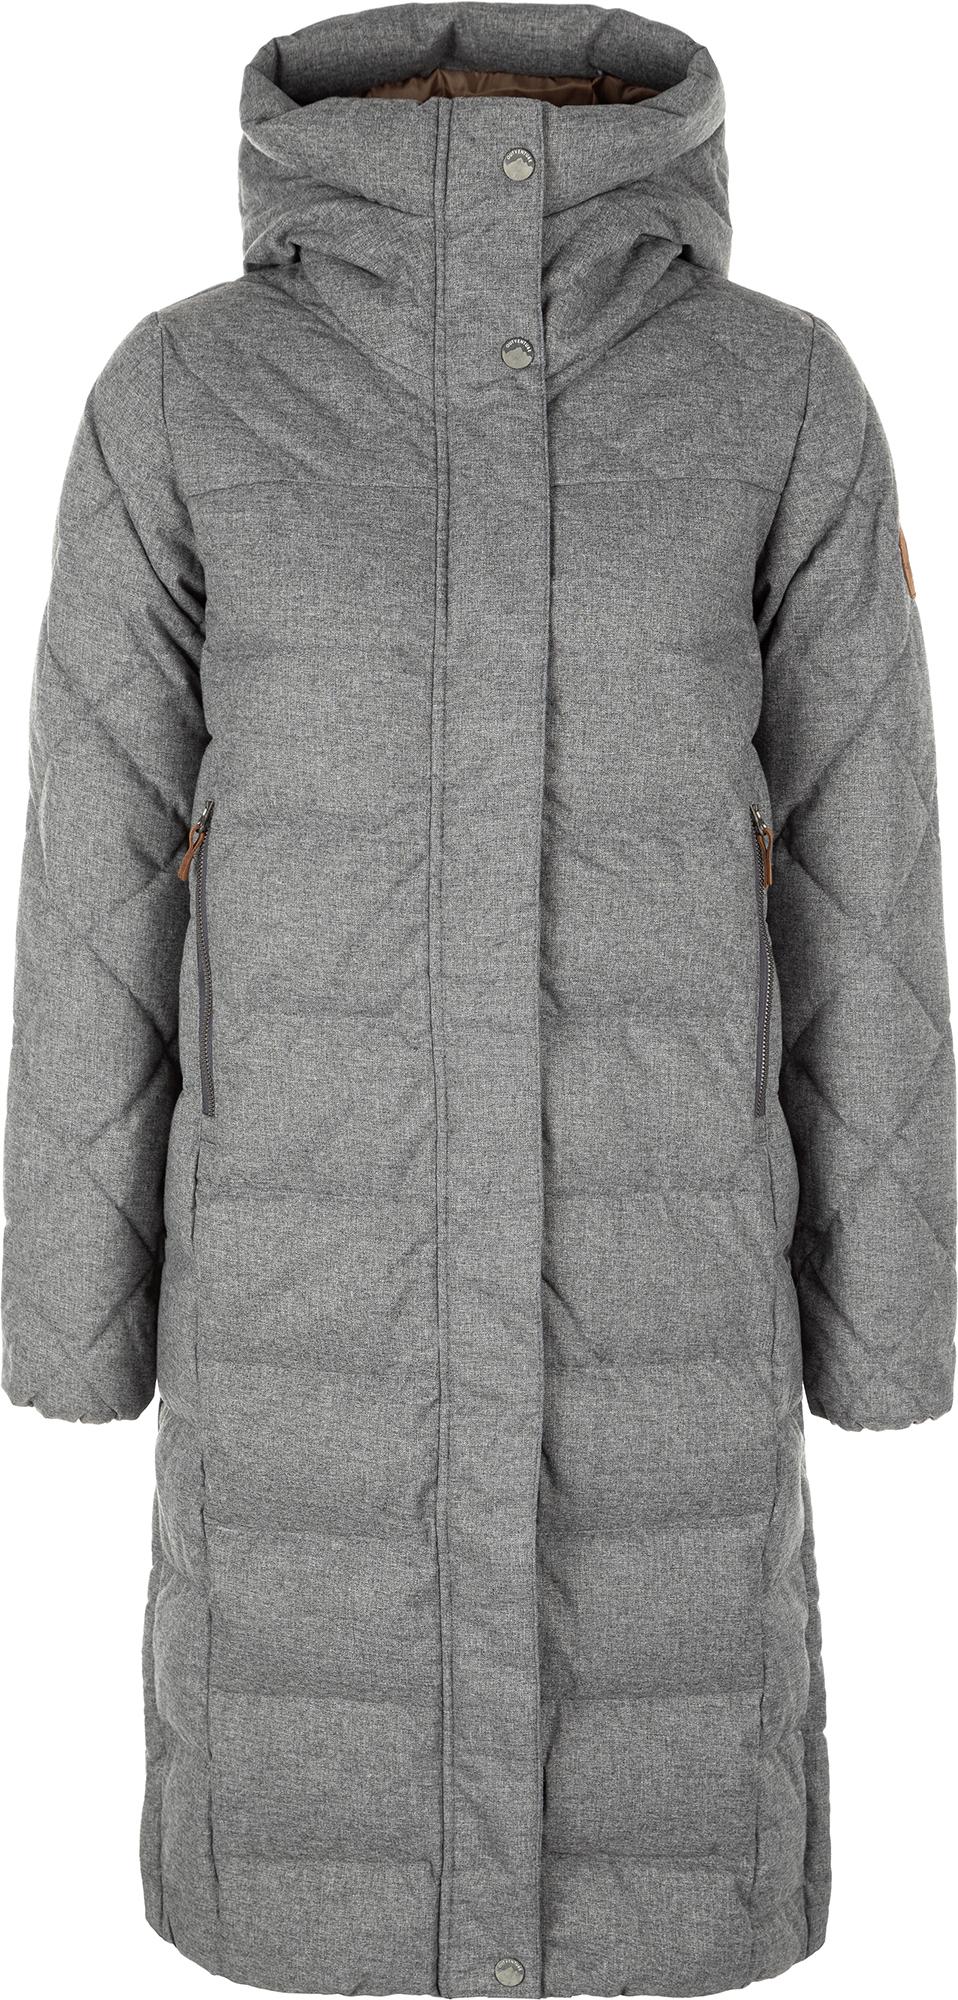 купить Outventure Куртка пуховая женская Outventure, размер 52 дешево